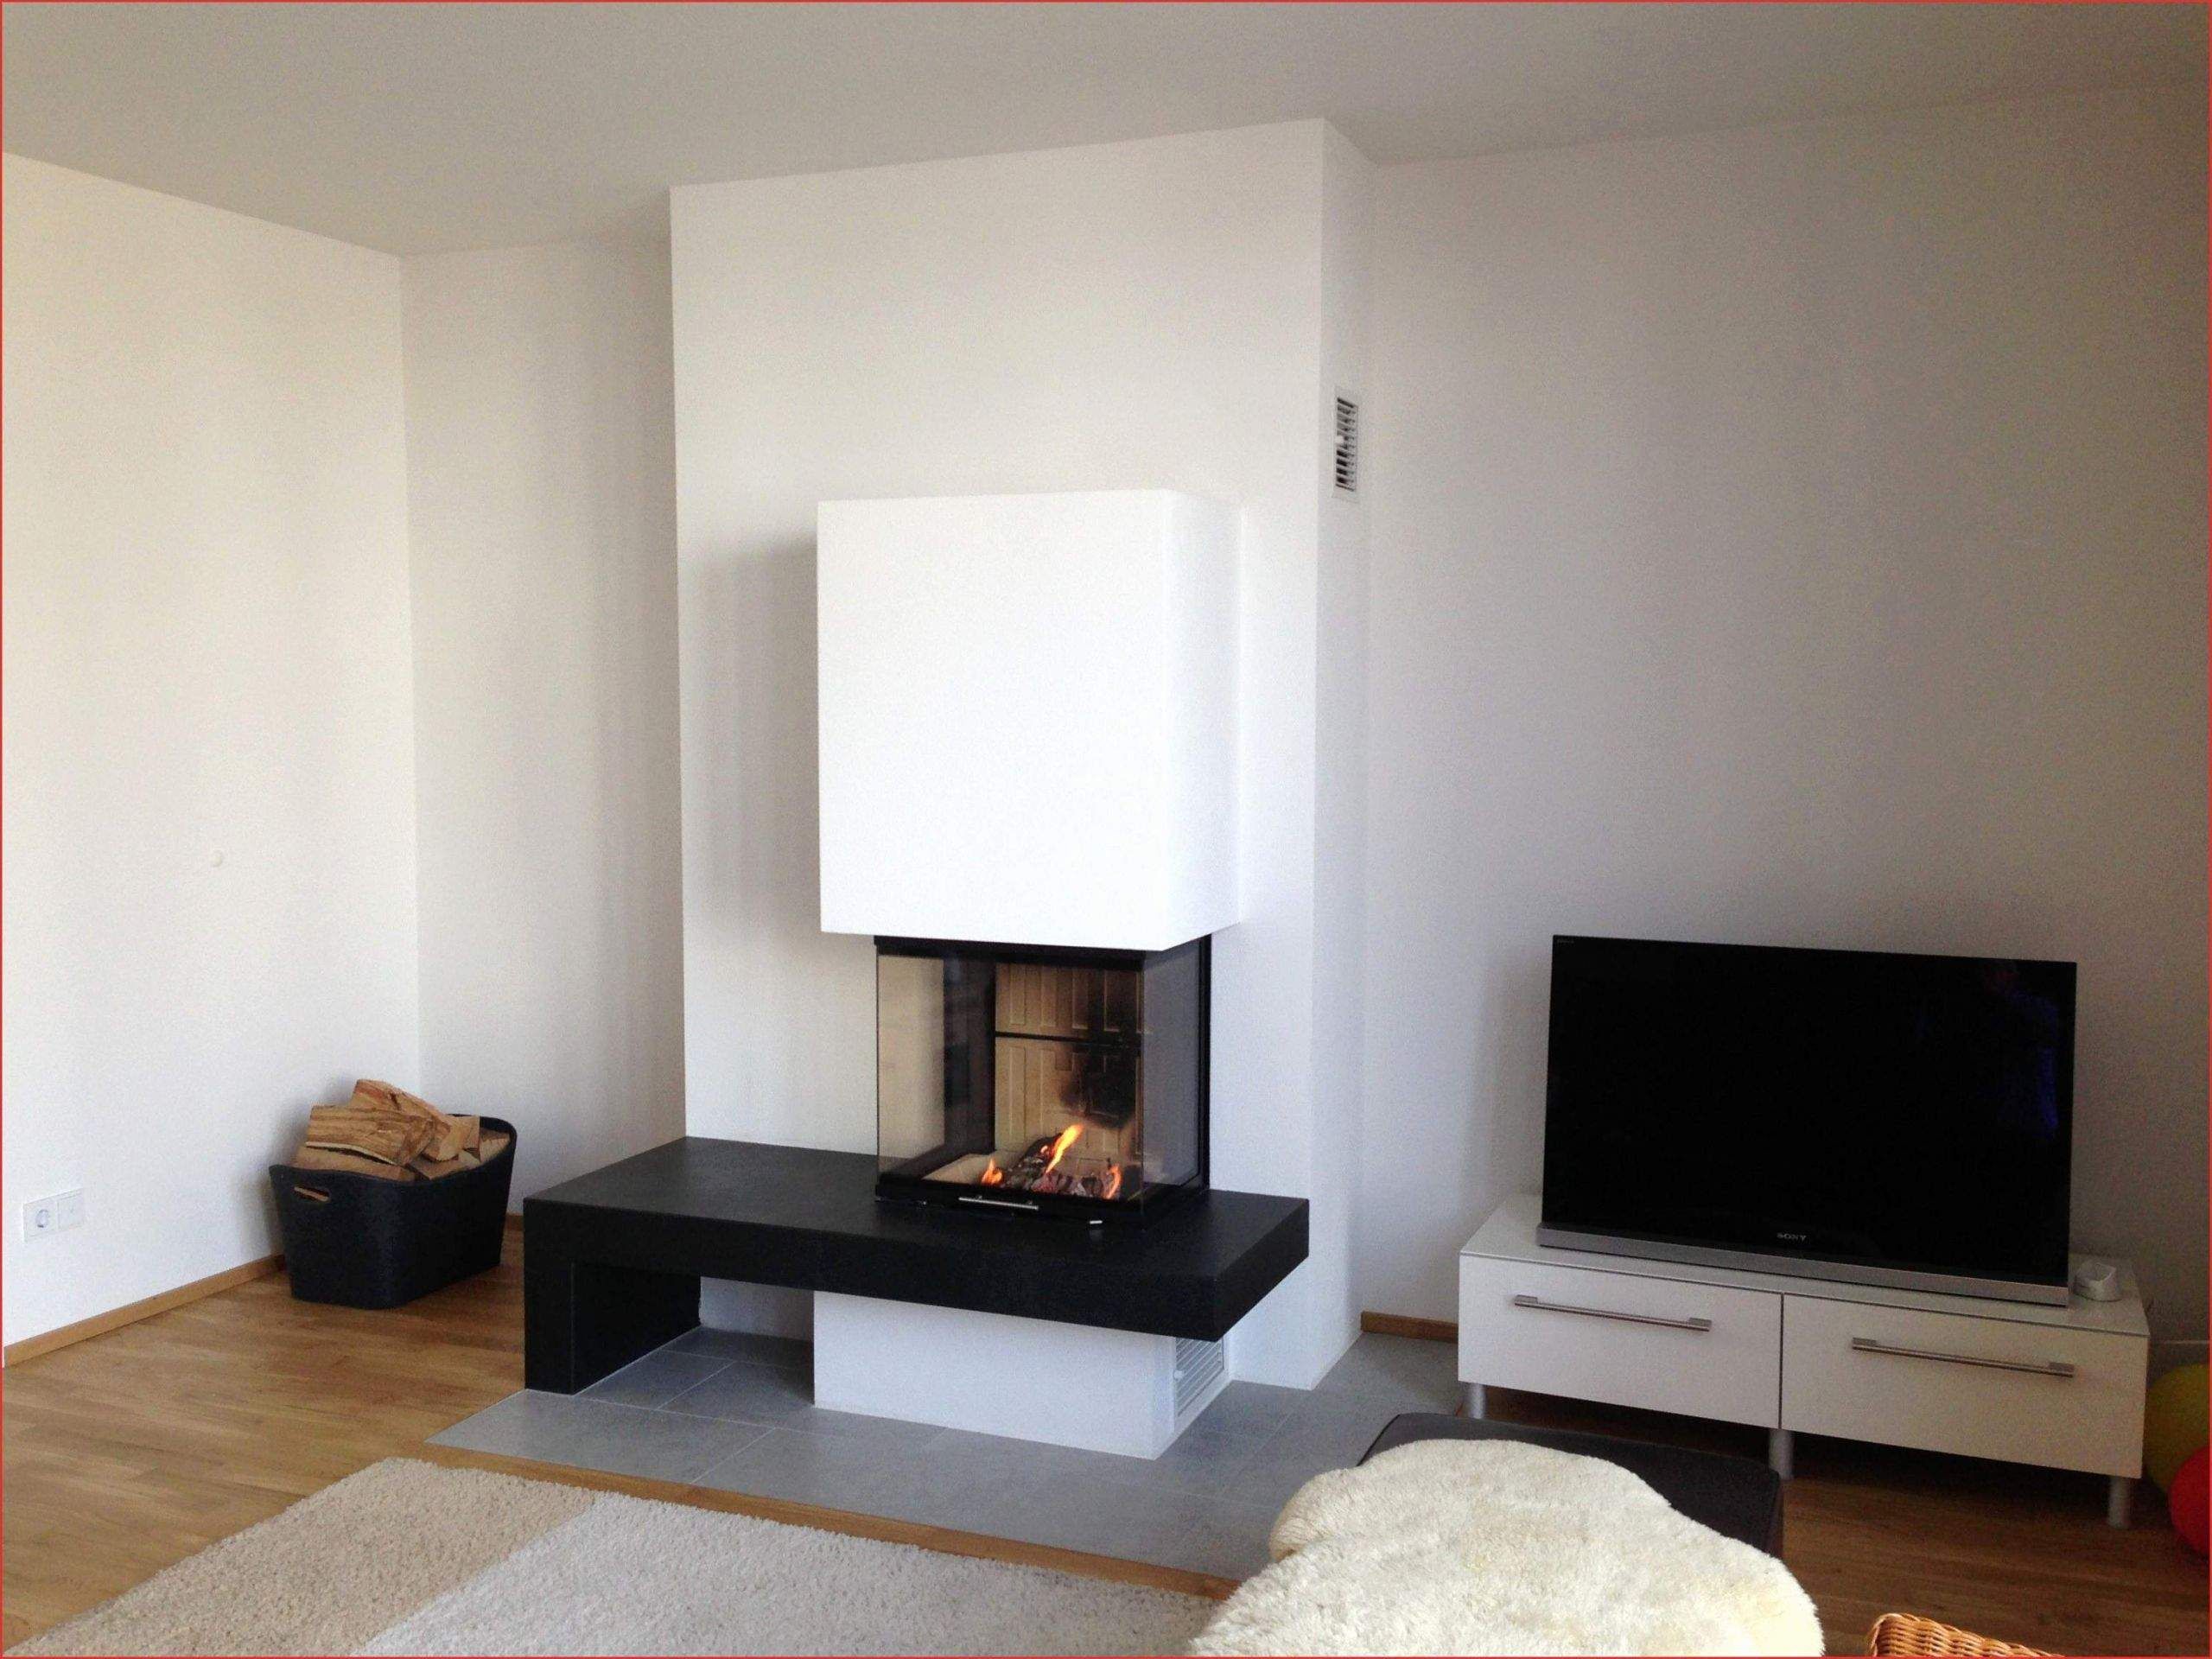 ofen wohnzimmer elegant wohnzimmer mit kamin elegant kaminofen wohnzimmer tipps of ofen wohnzimmer scaled